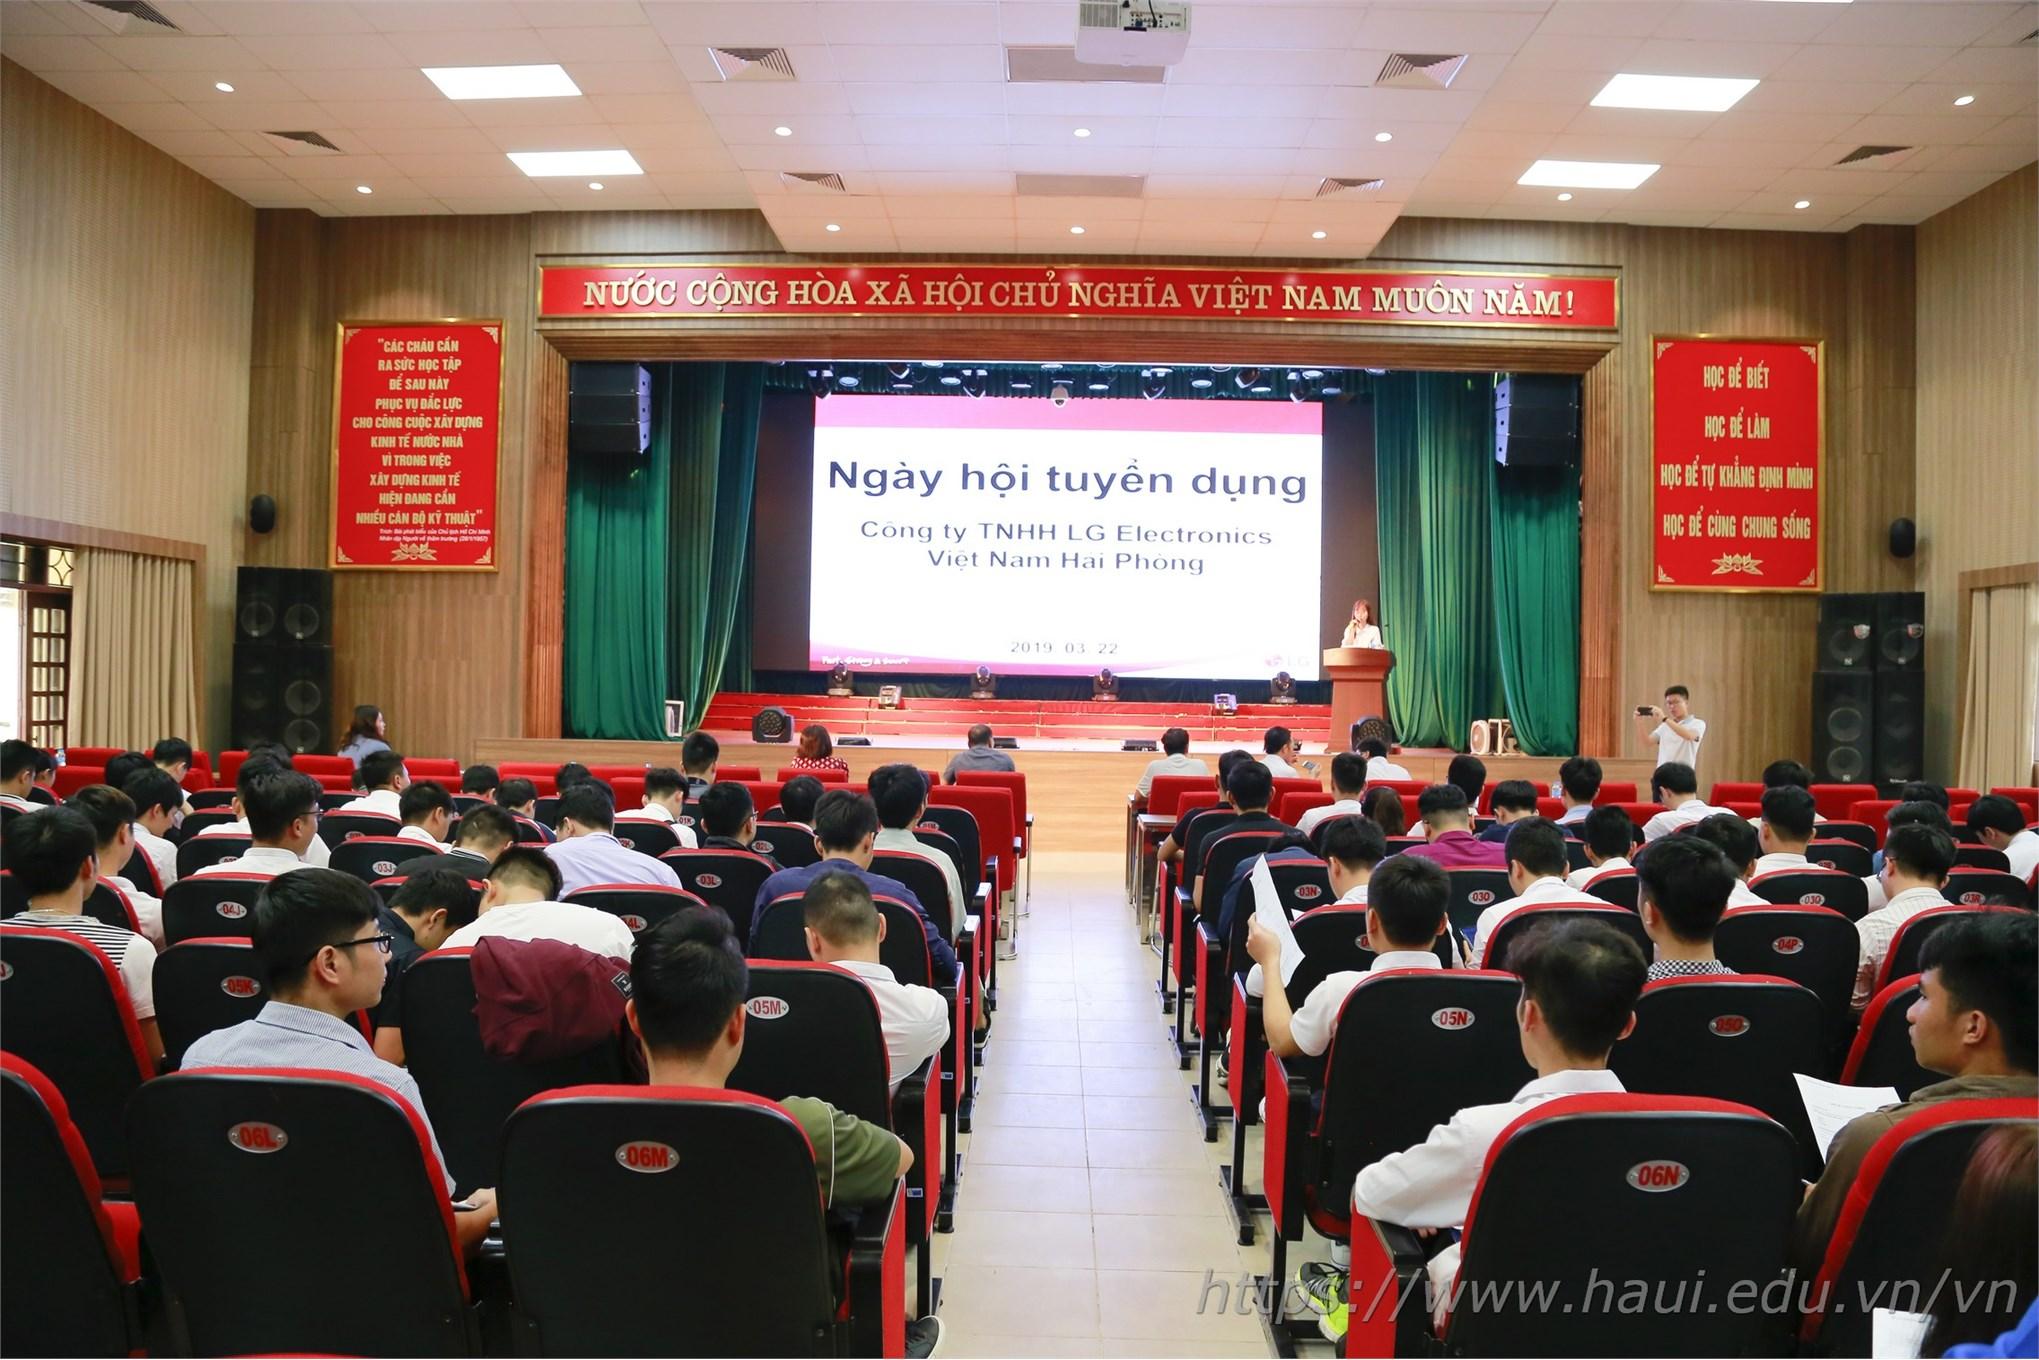 Cơ hội việc làm tại Công ty TNHH LG Electronics Việt Nam Hải Phòng